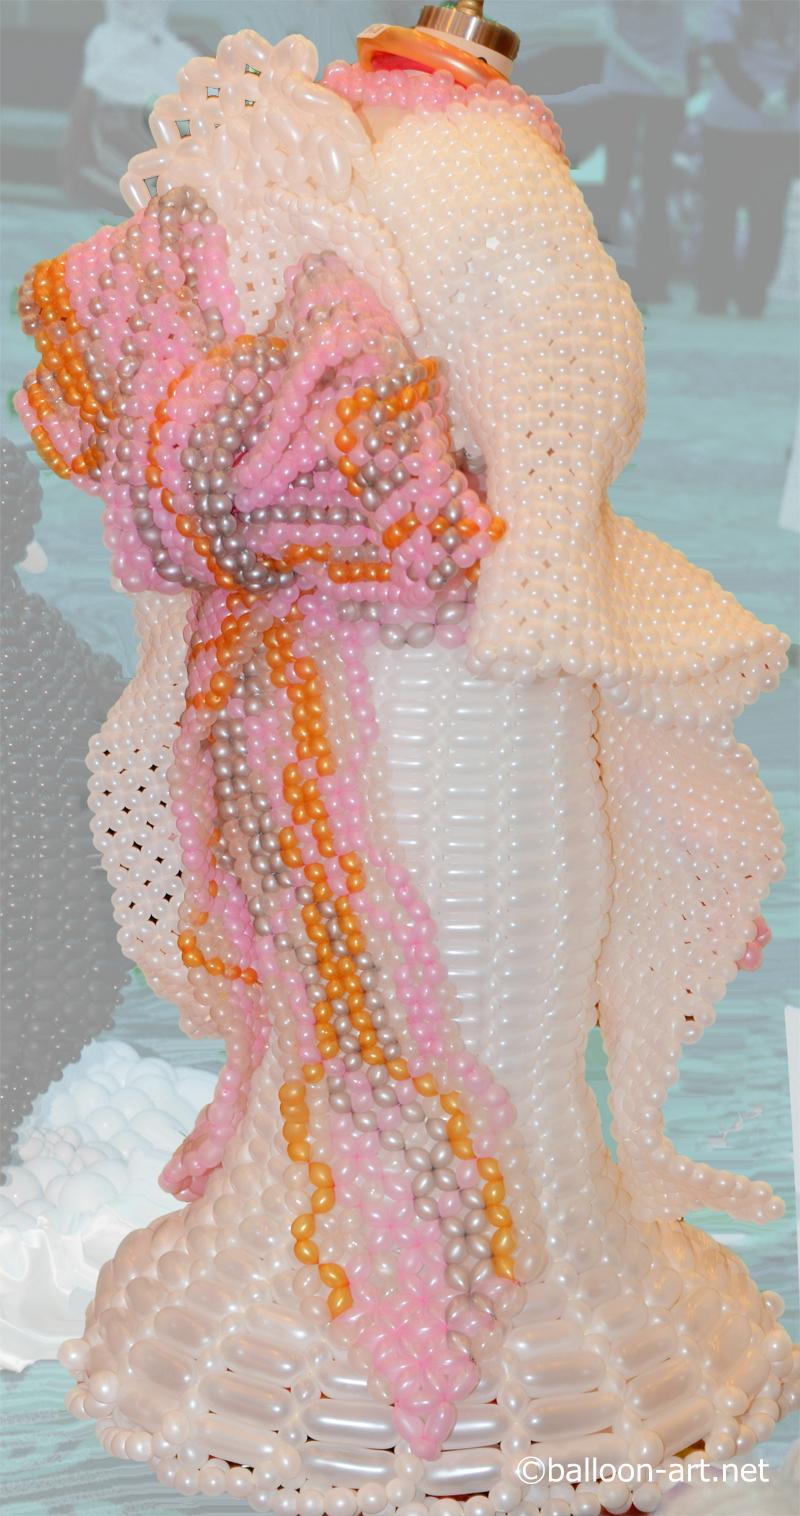 2年に1度開催されるバルーンアートの世界大会で優勝した着物の繊細な質感を見事に表現した着物のバルーンドレス1